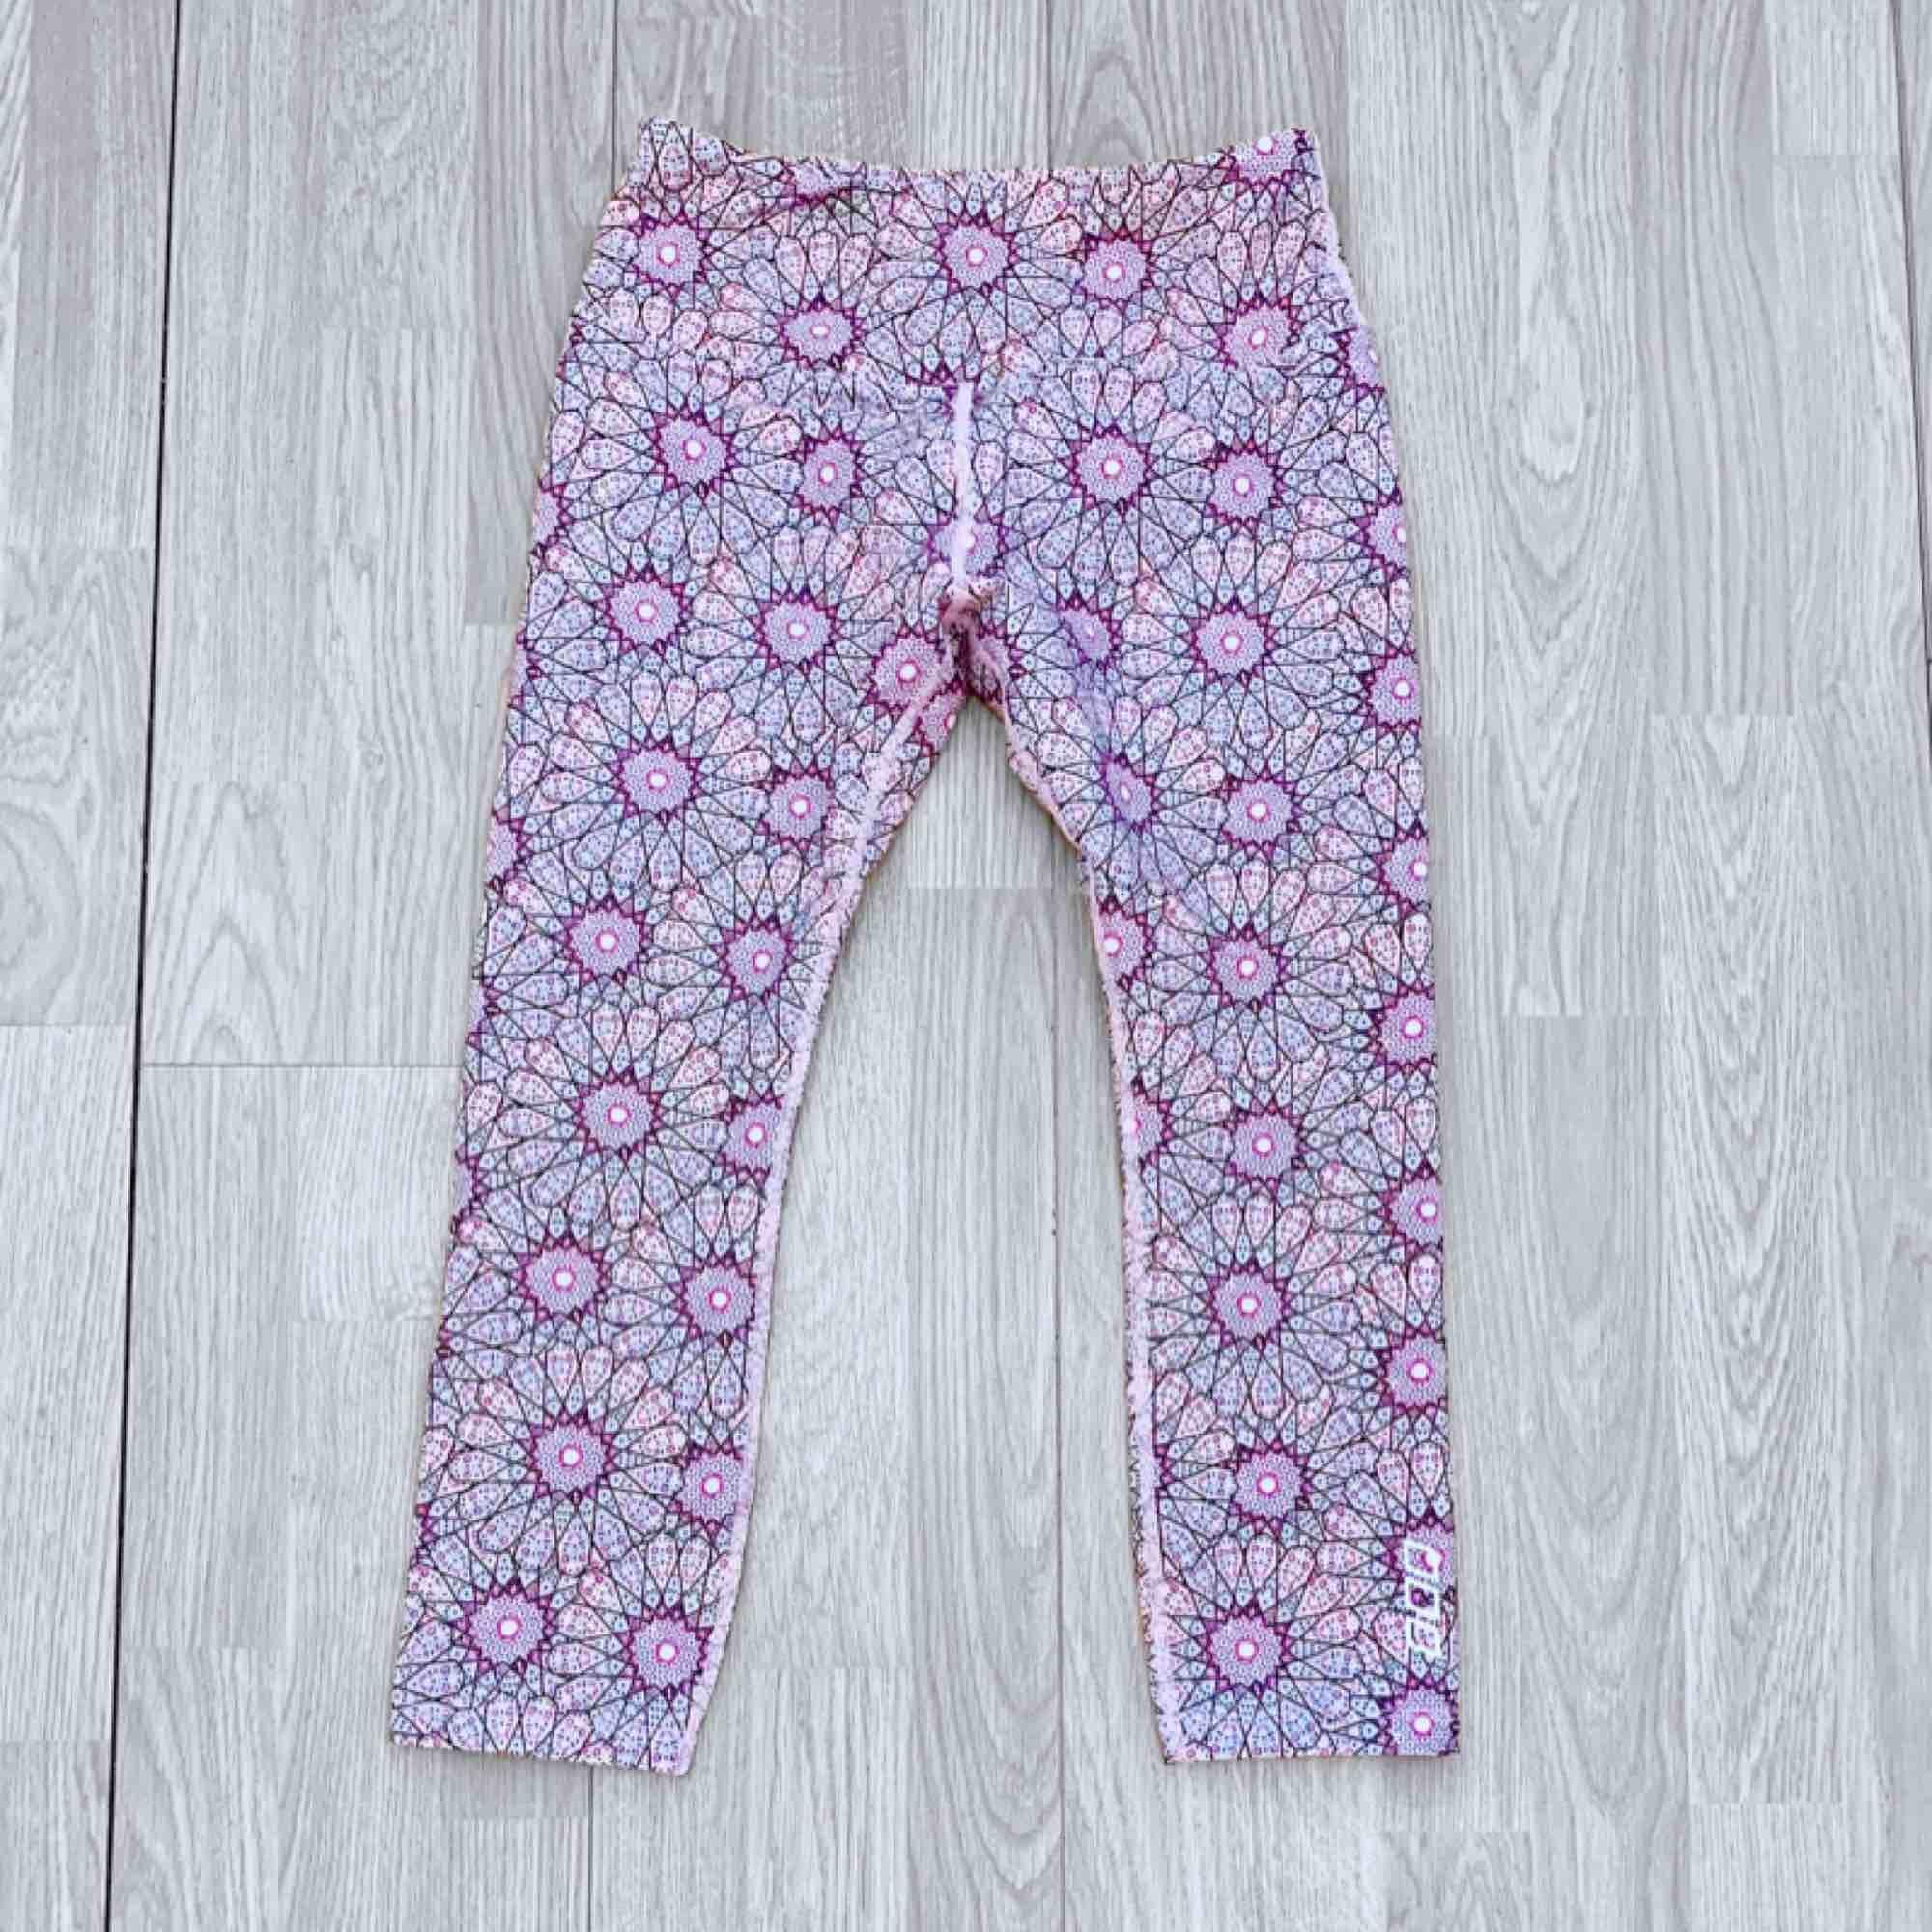 Rosa högmidjade träningsleggings/shorts med bred resår storlek XS från Lorna Jane, fint skick.  Möts upp i Stockholm eller fraktar.  Frakt kostar 36kr extra, postar med videobevis/bildbevis. Jag garanterar en snabb pålitlig affär!✨. Jeans & Byxor.